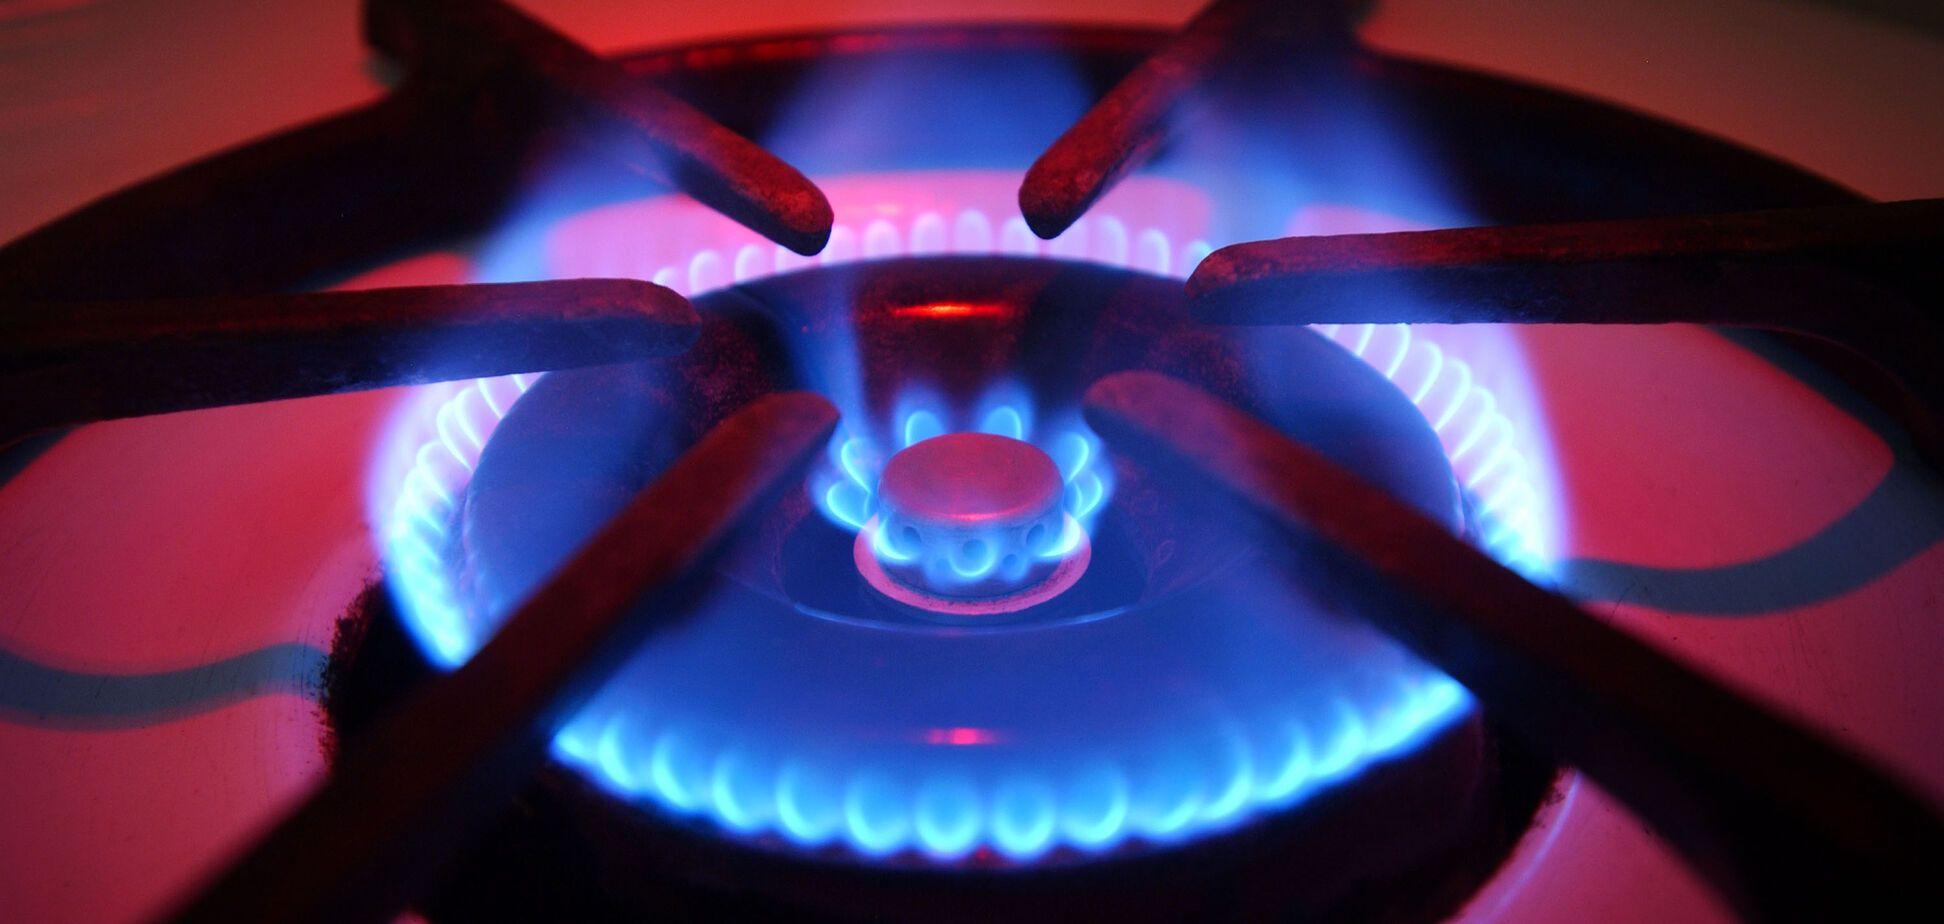 Повышение цен на газ: Гройсман расставил все точки над 'і'